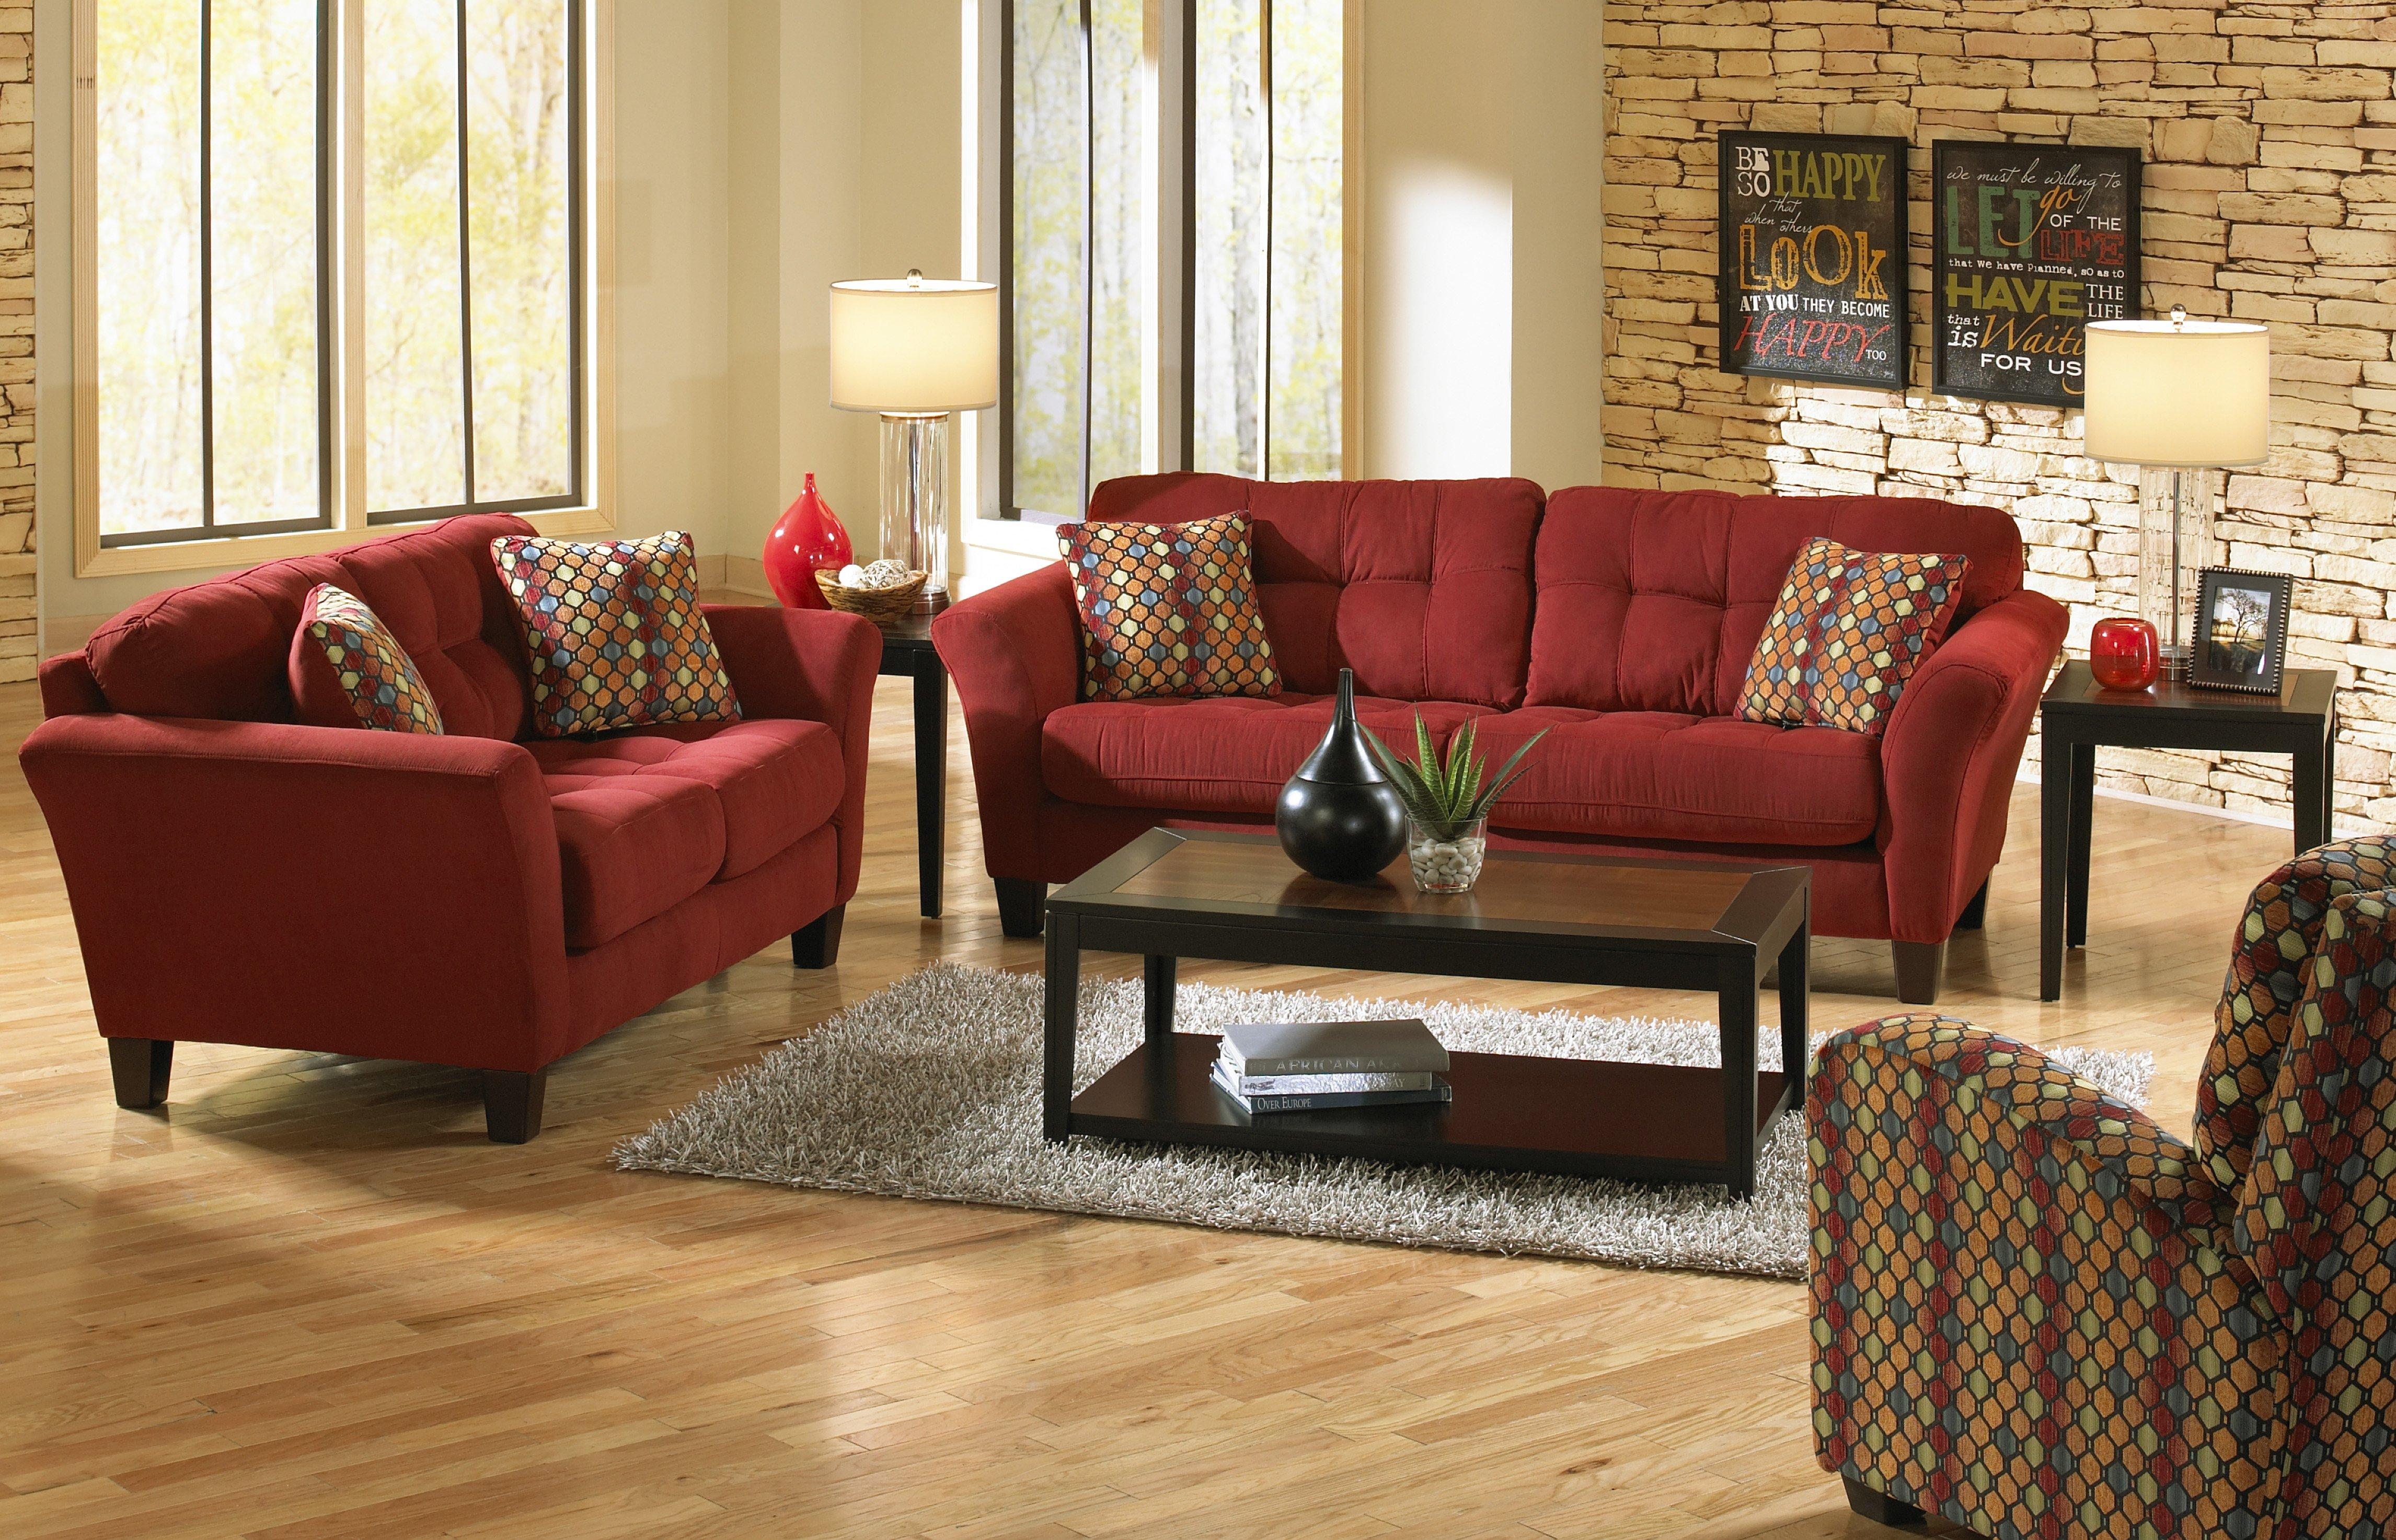 Living Room Sets Layaway linderman's furniture | furniture store in ringgold, ga